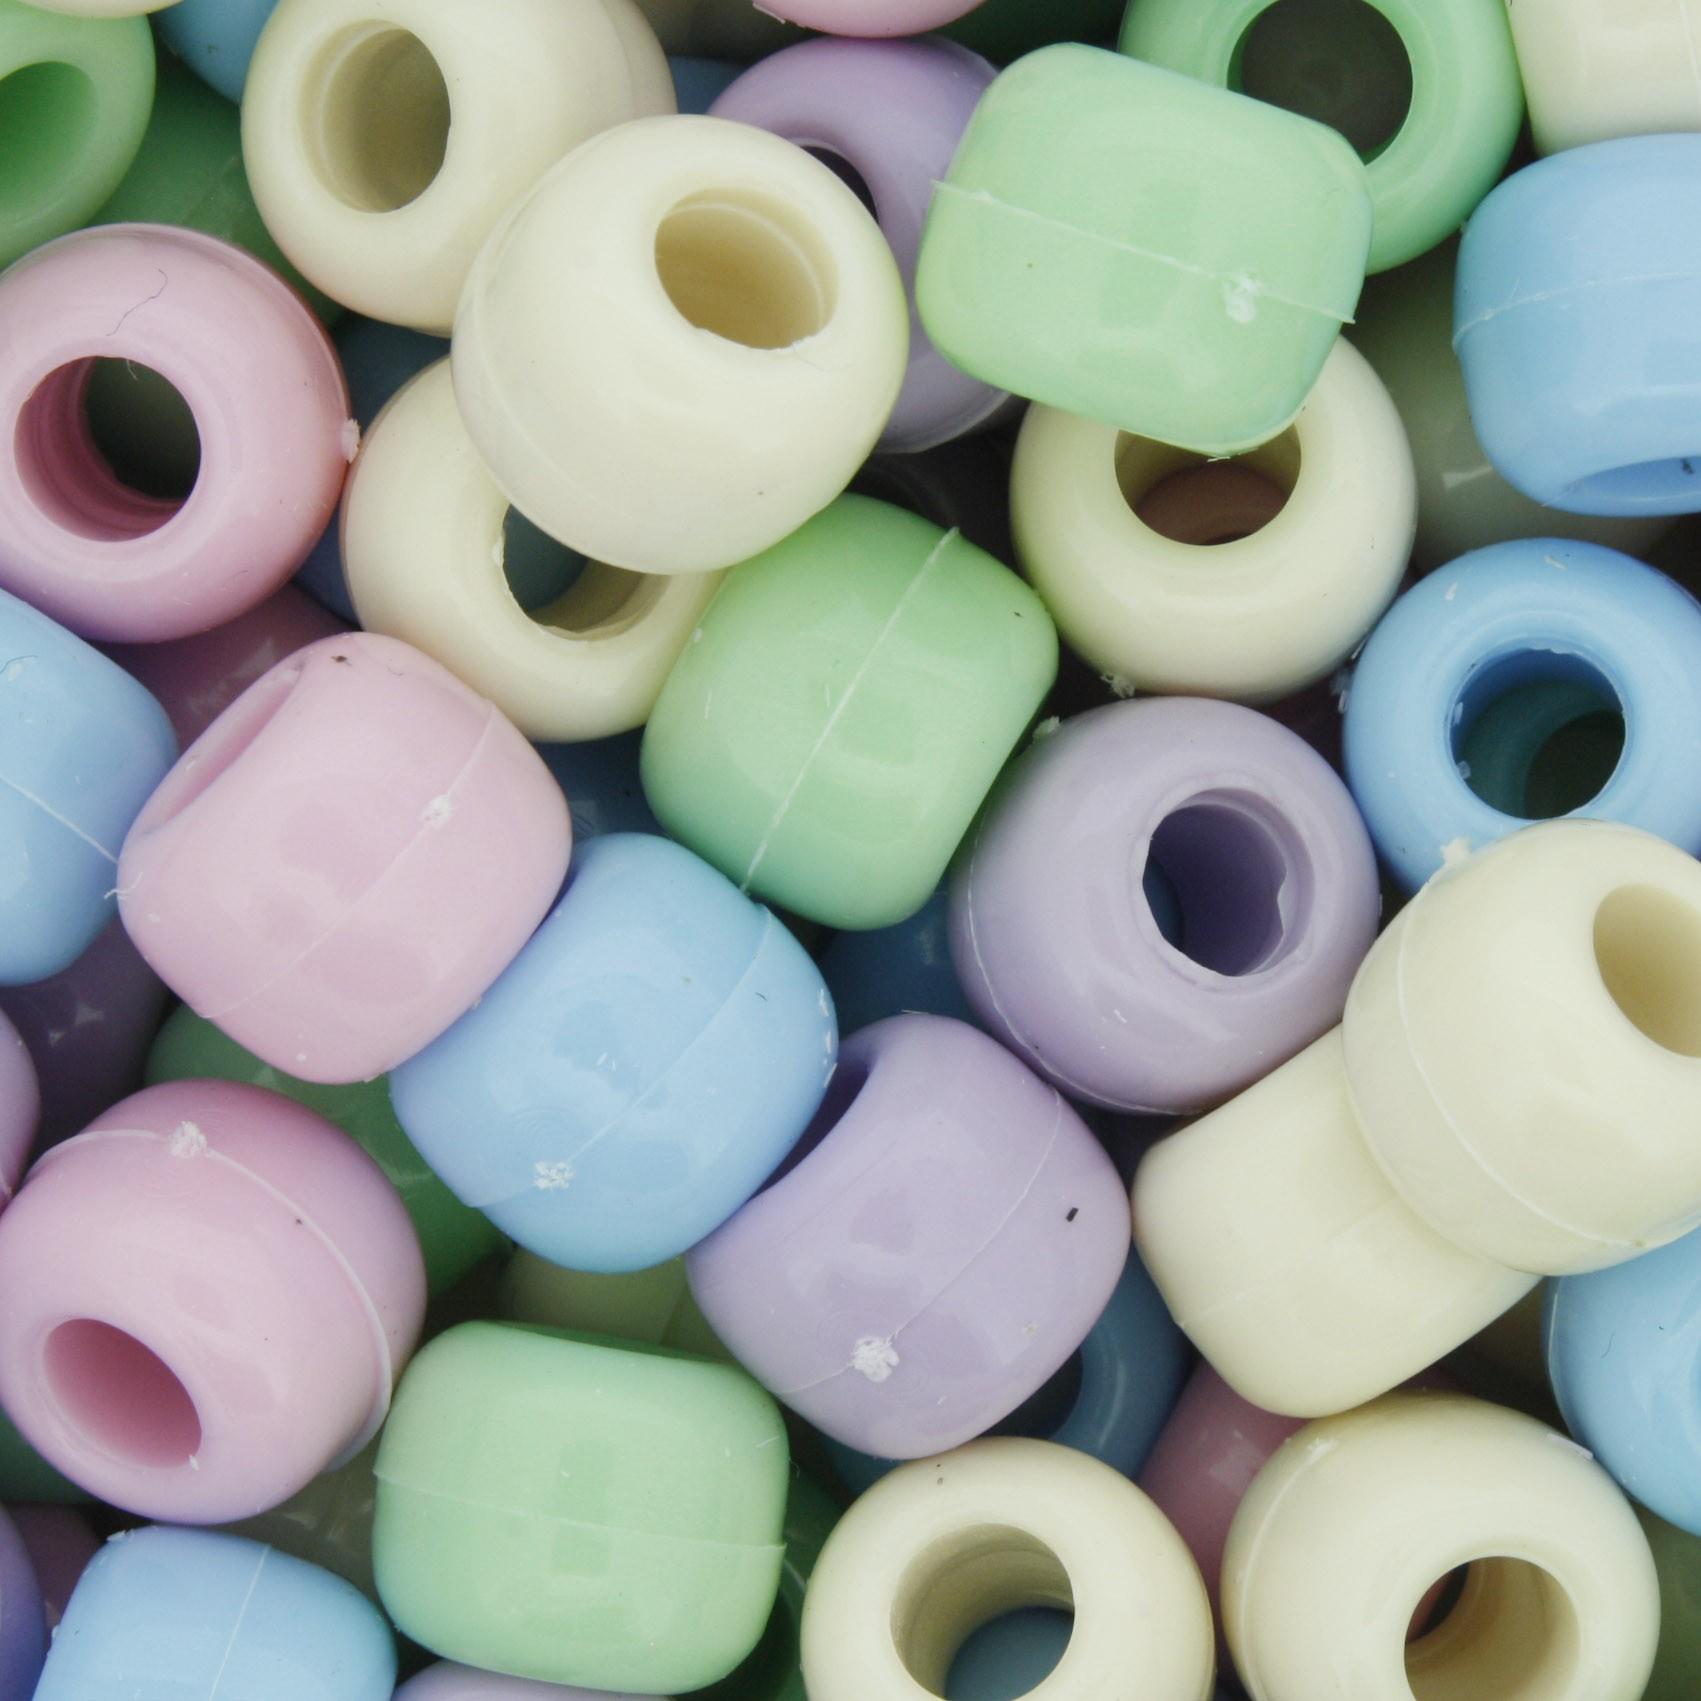 Miçangão Plástico - Tererê® - Candy Colors  - Stéphanie Bijoux® - Peças para Bijuterias e Artesanato